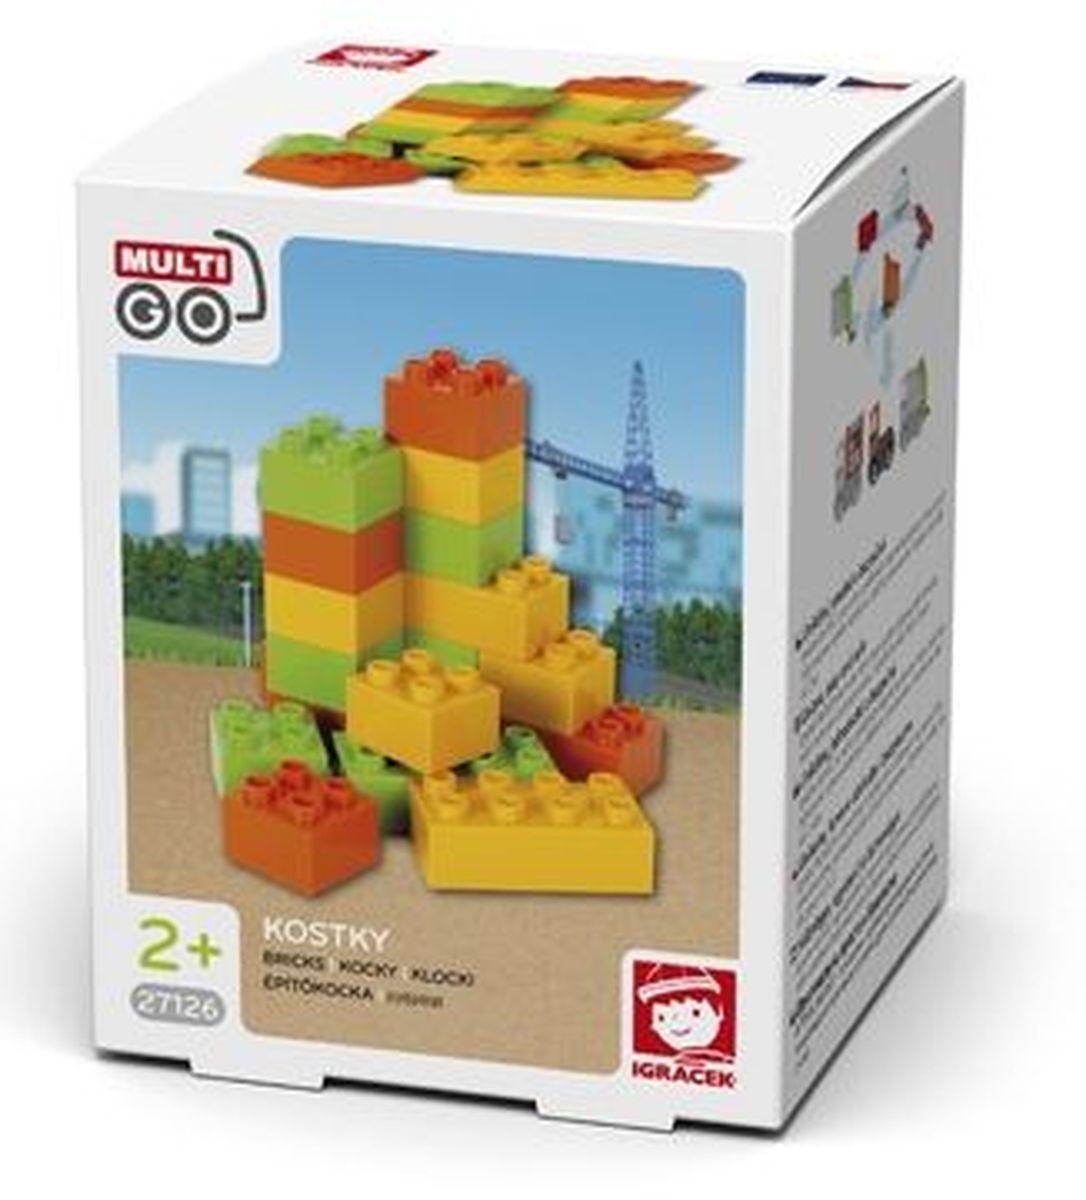 Igracek/Multigo Кубики строительные27126Набор из 18 разноцветных кубиков, сделанных из высококачественного пластика. Используй их для создания различных фигур и сооружений.